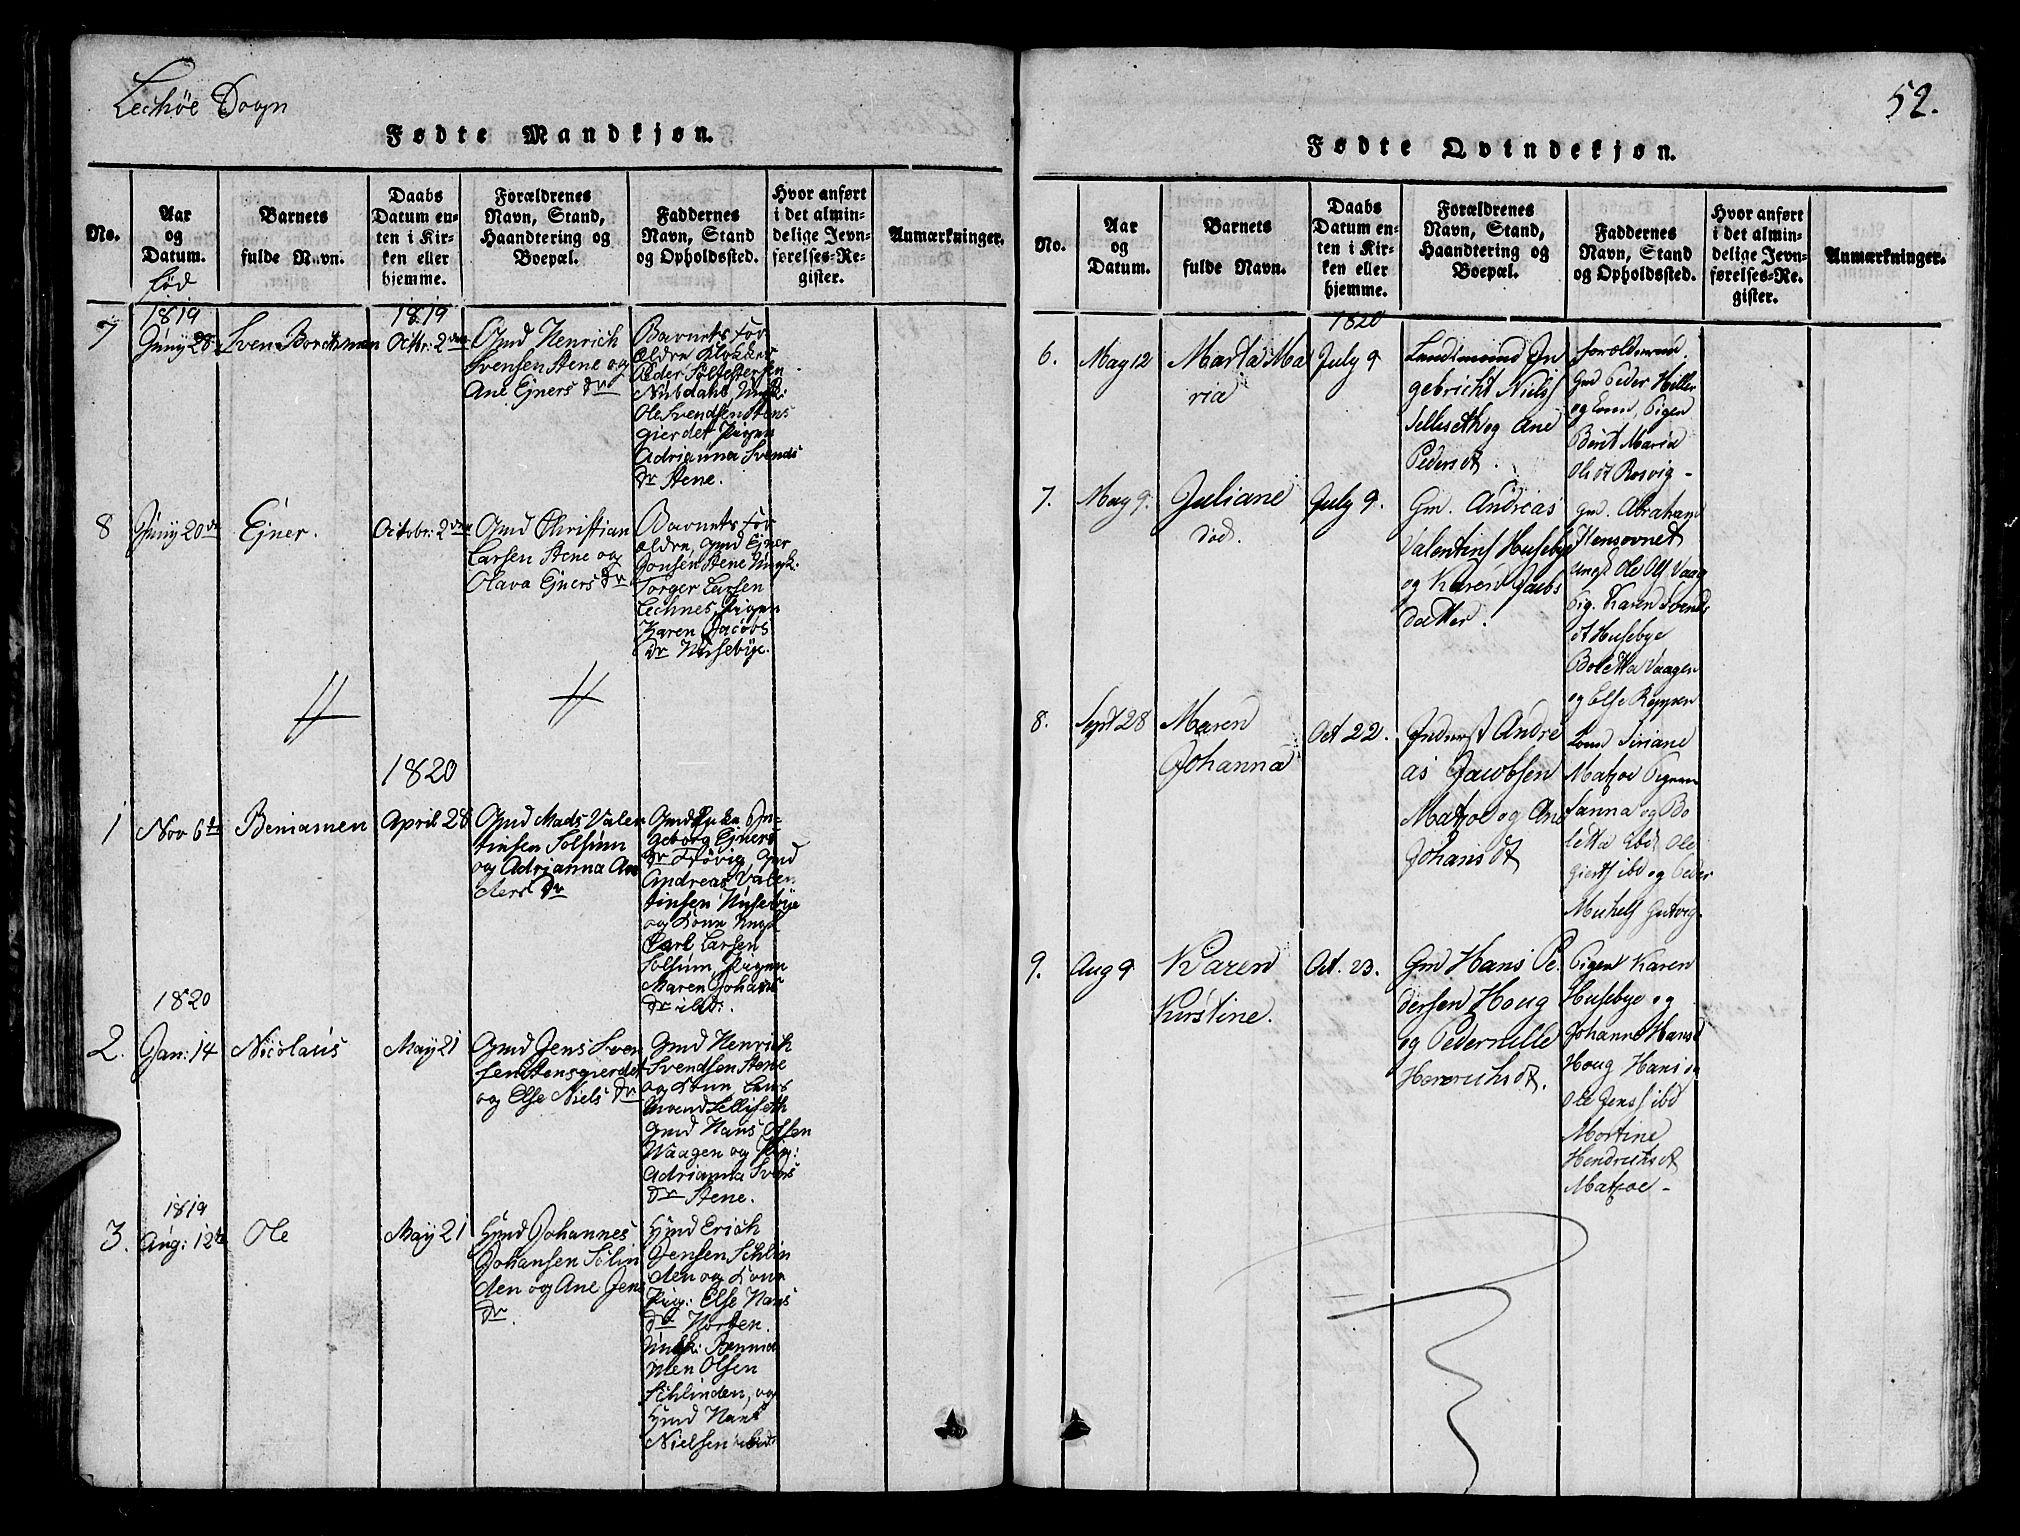 SAT, Ministerialprotokoller, klokkerbøker og fødselsregistre - Nord-Trøndelag, 780/L0648: Klokkerbok nr. 780C01 /2, 1815-1875, s. 52